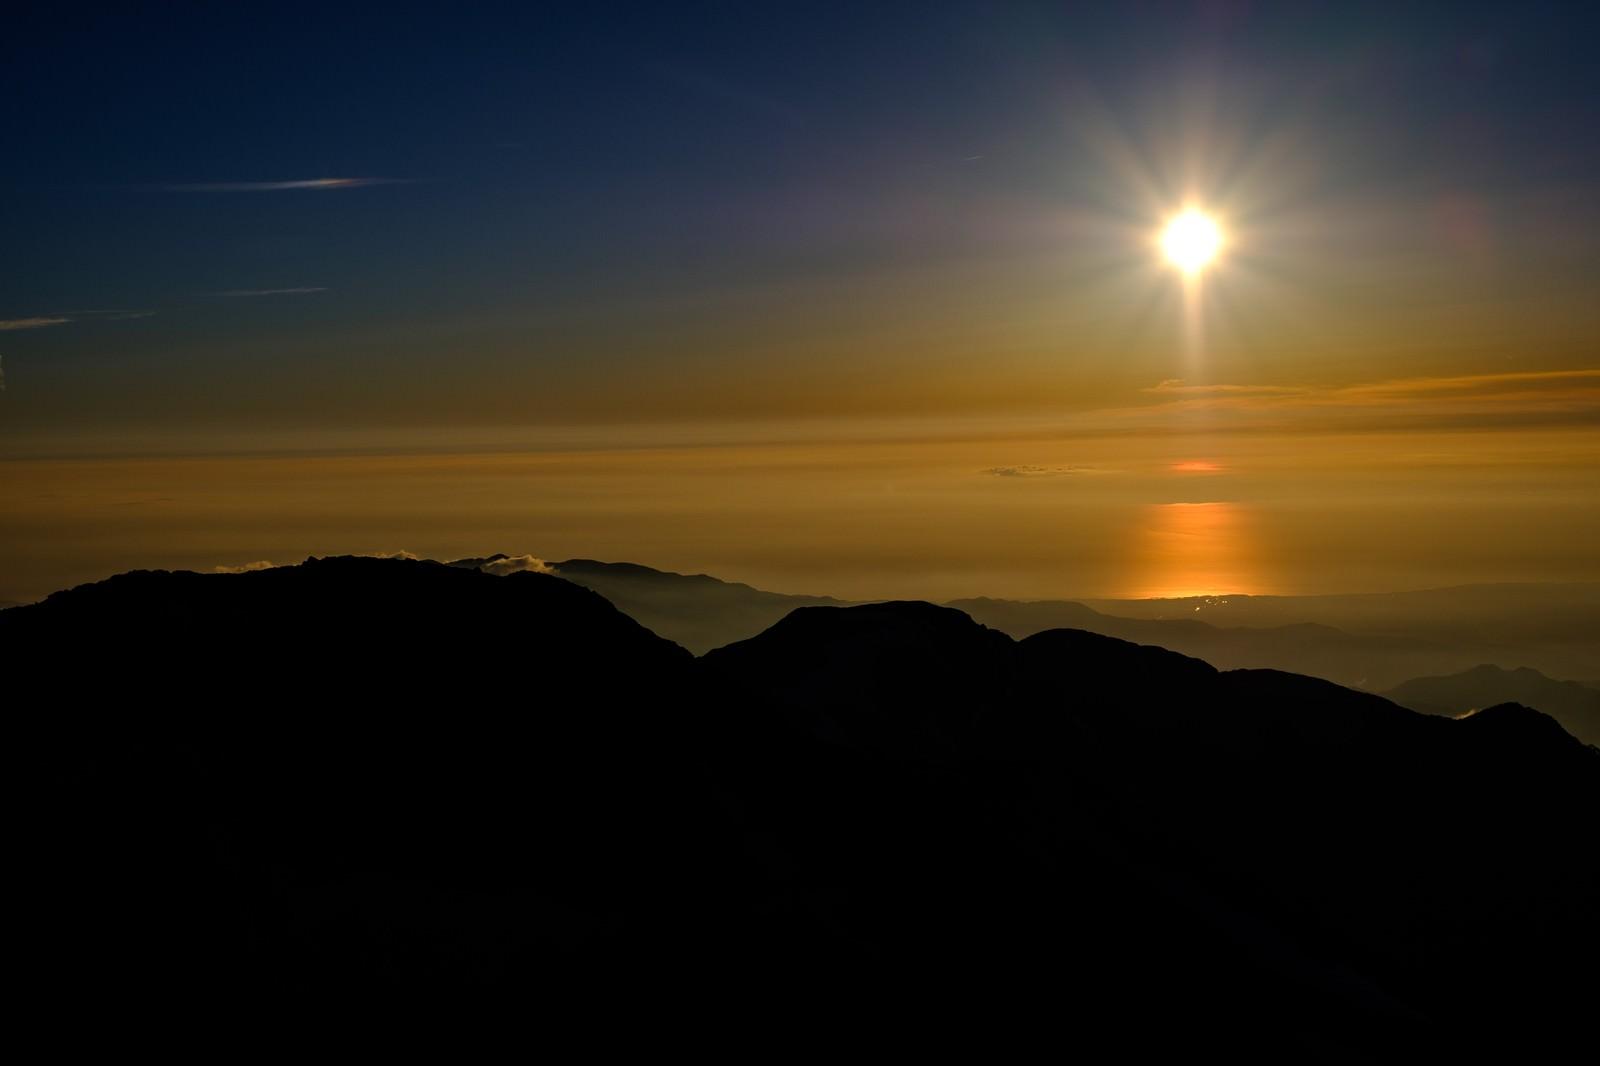 「夕暮れと白馬岳のシルエット」の写真